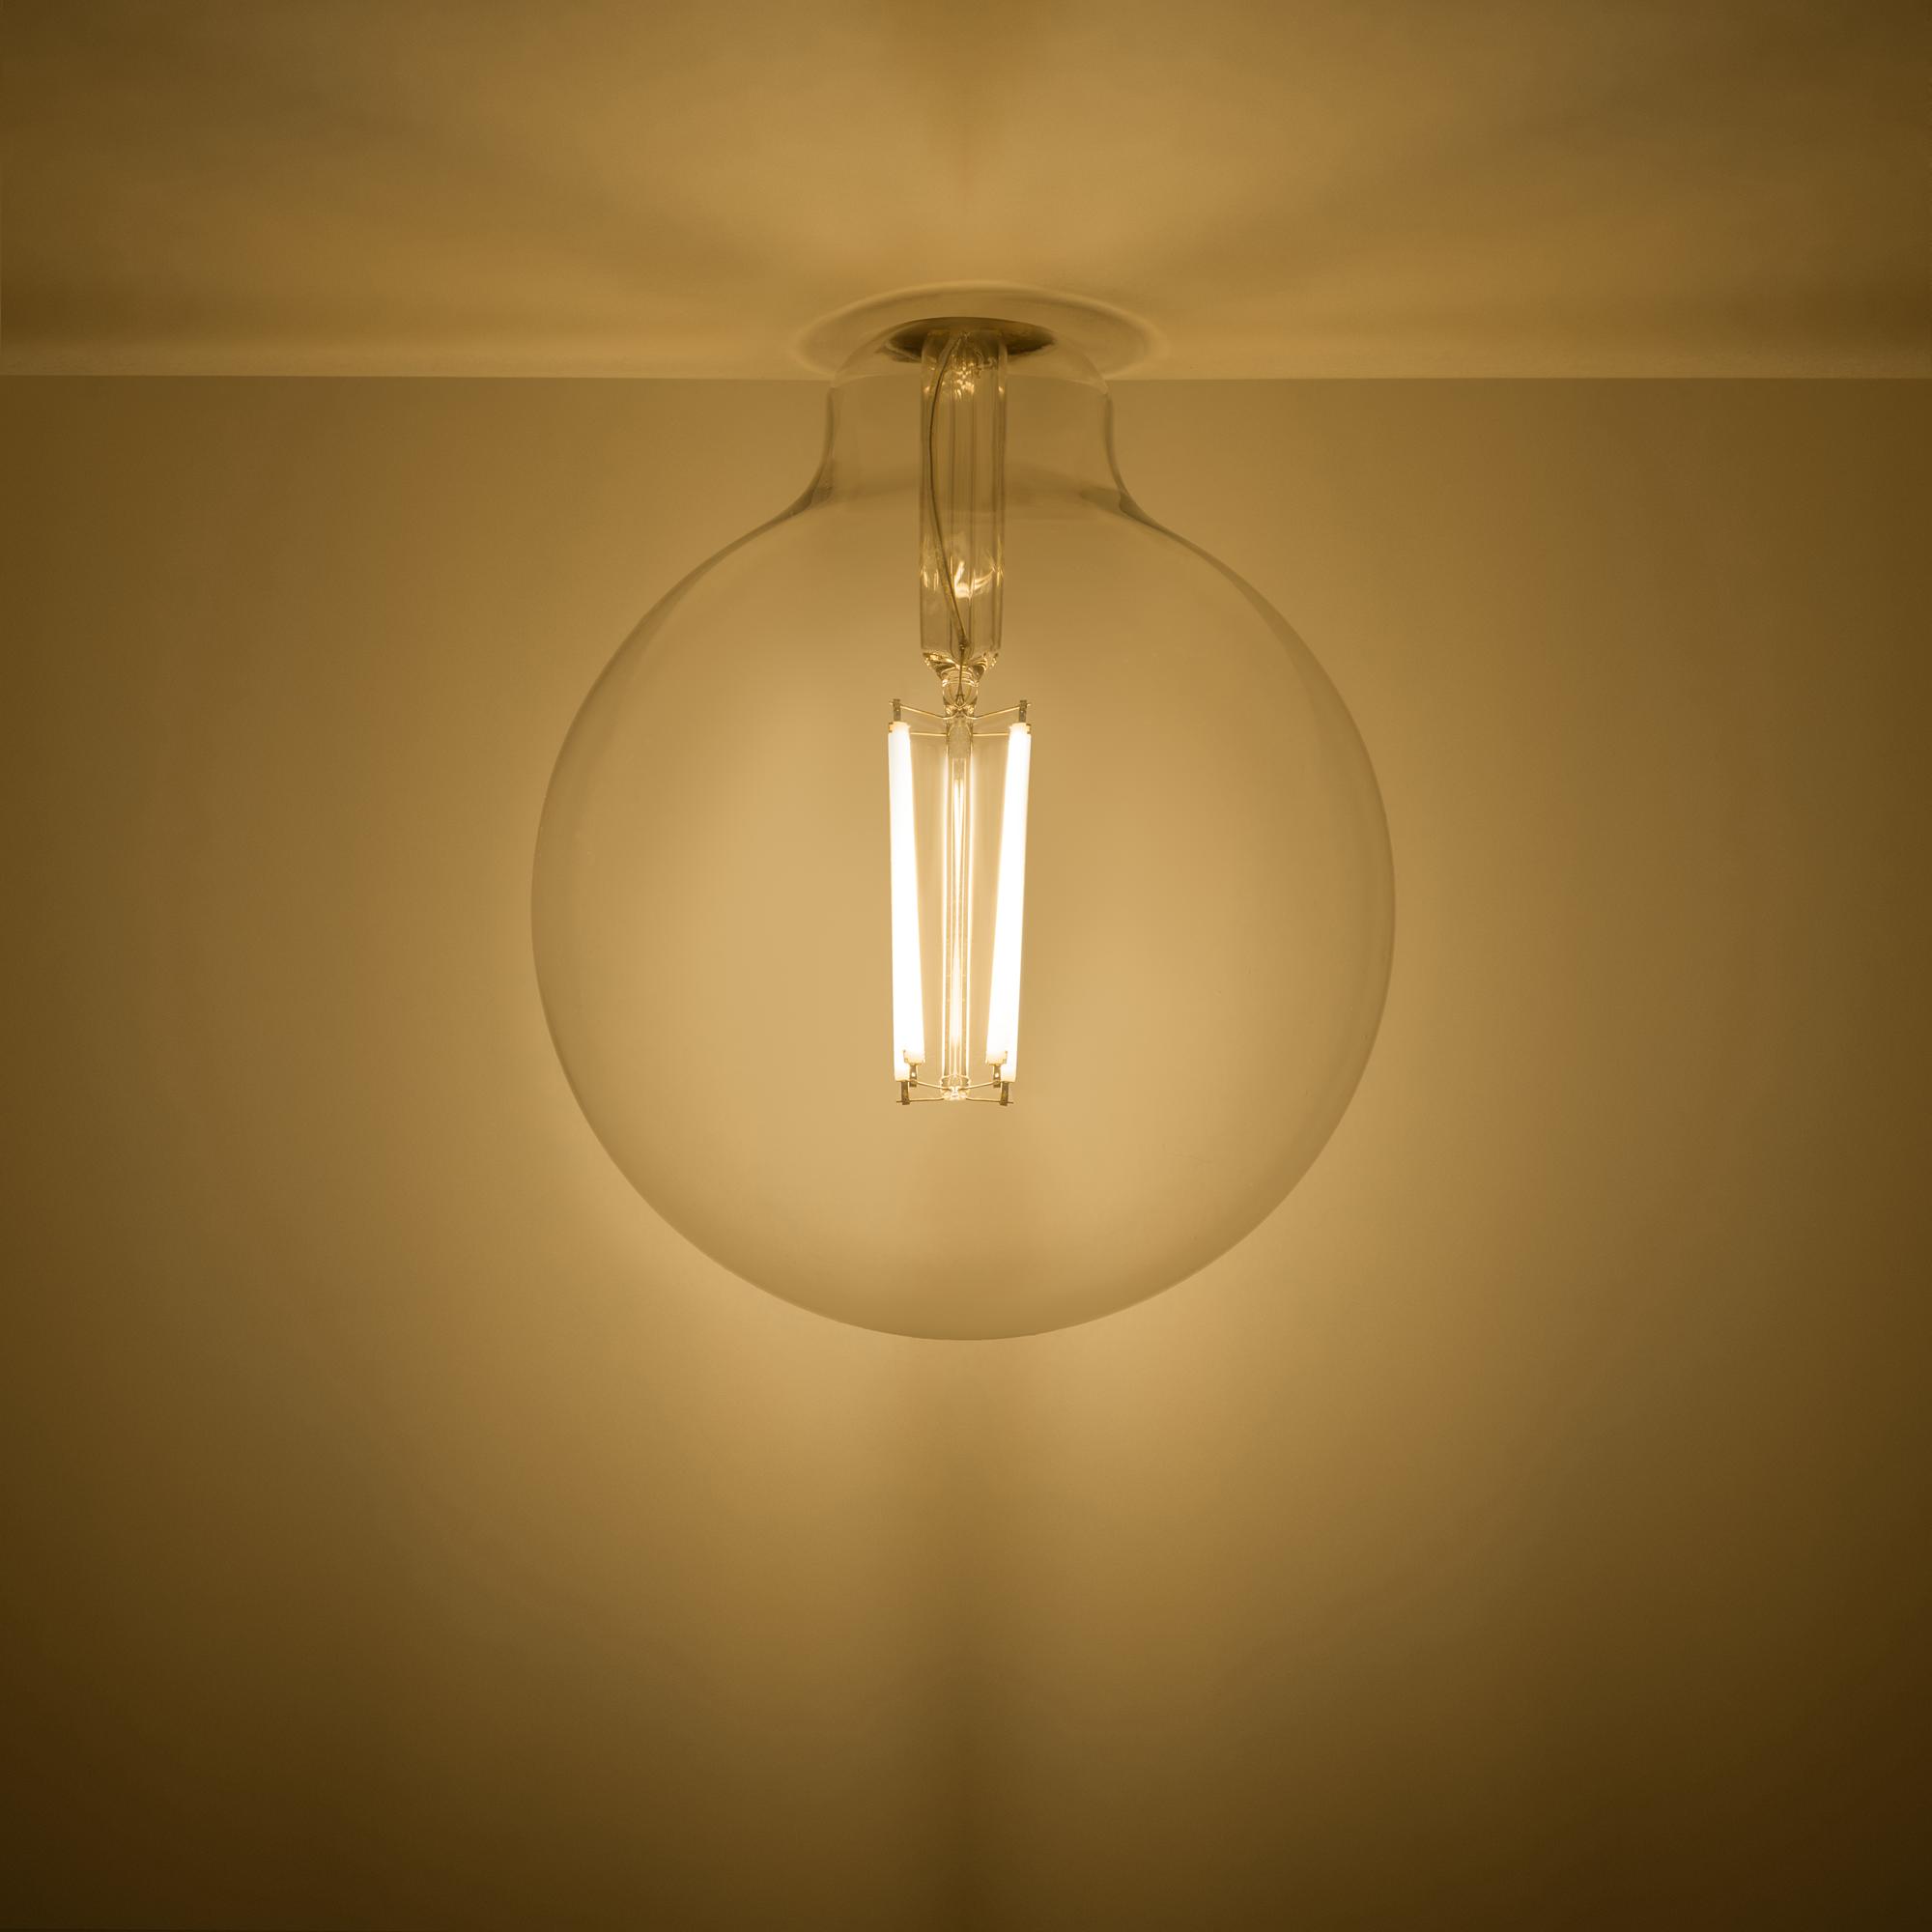 Лампа светодиодная Gauss Basic Filament E27 220 В 11.5 Вт шар декоративный прозрачный 1490 лм тёплый белый свет